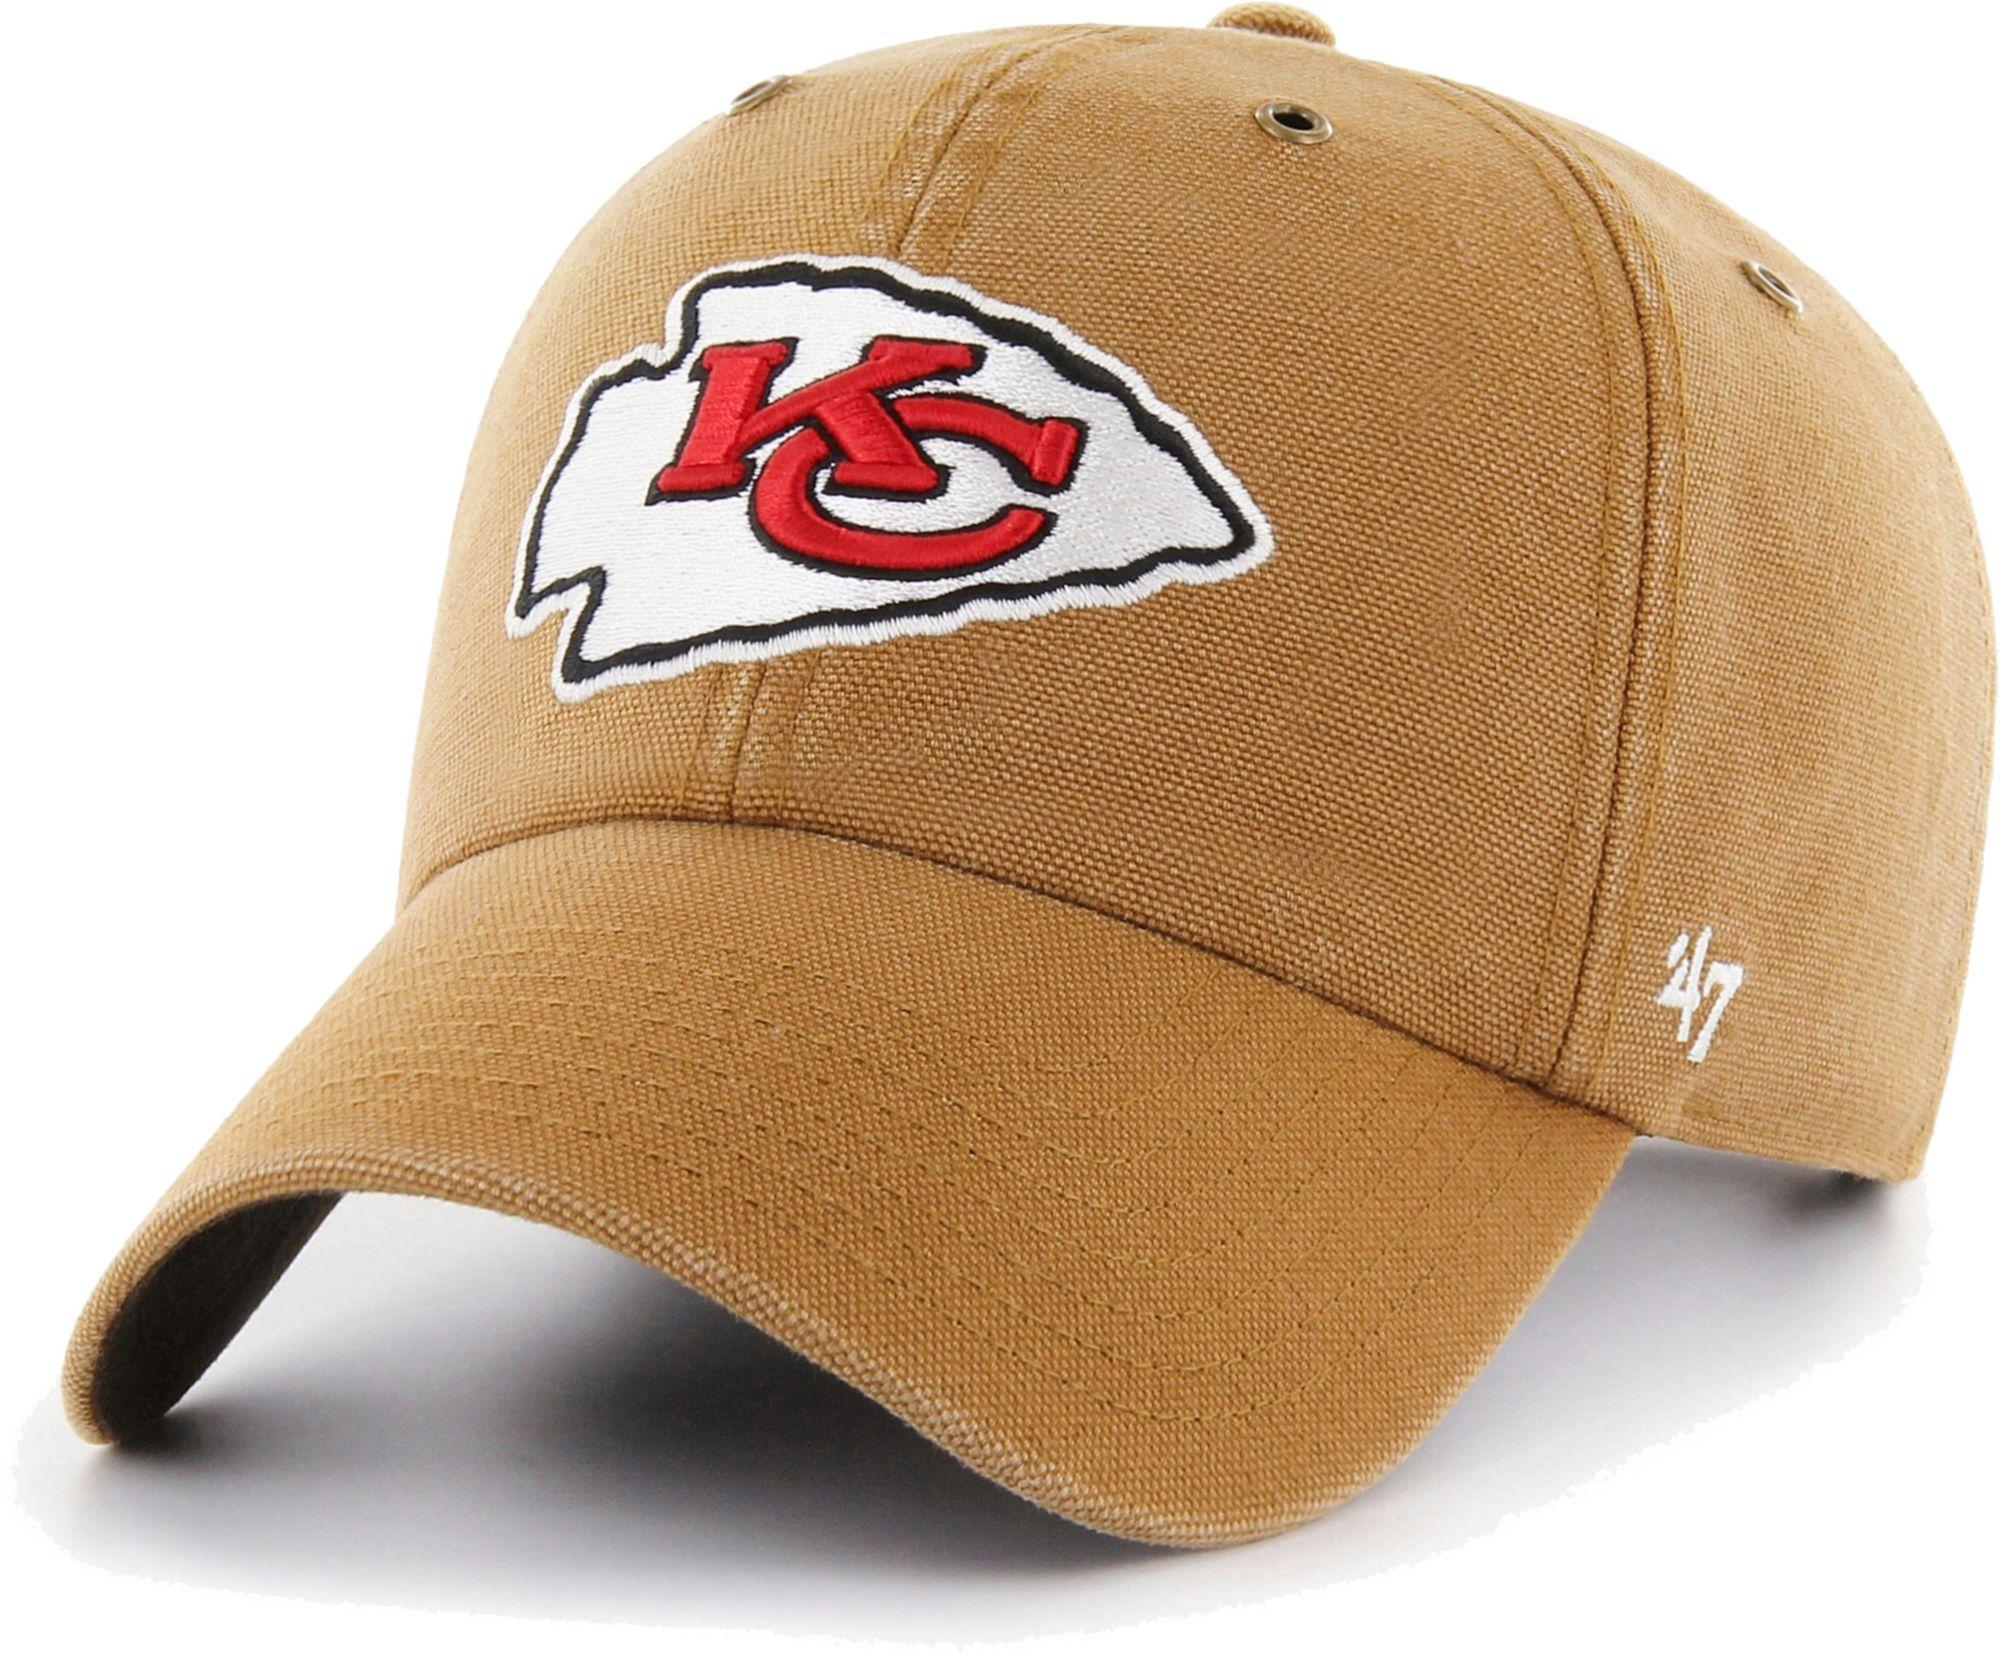 kc chiefs caps